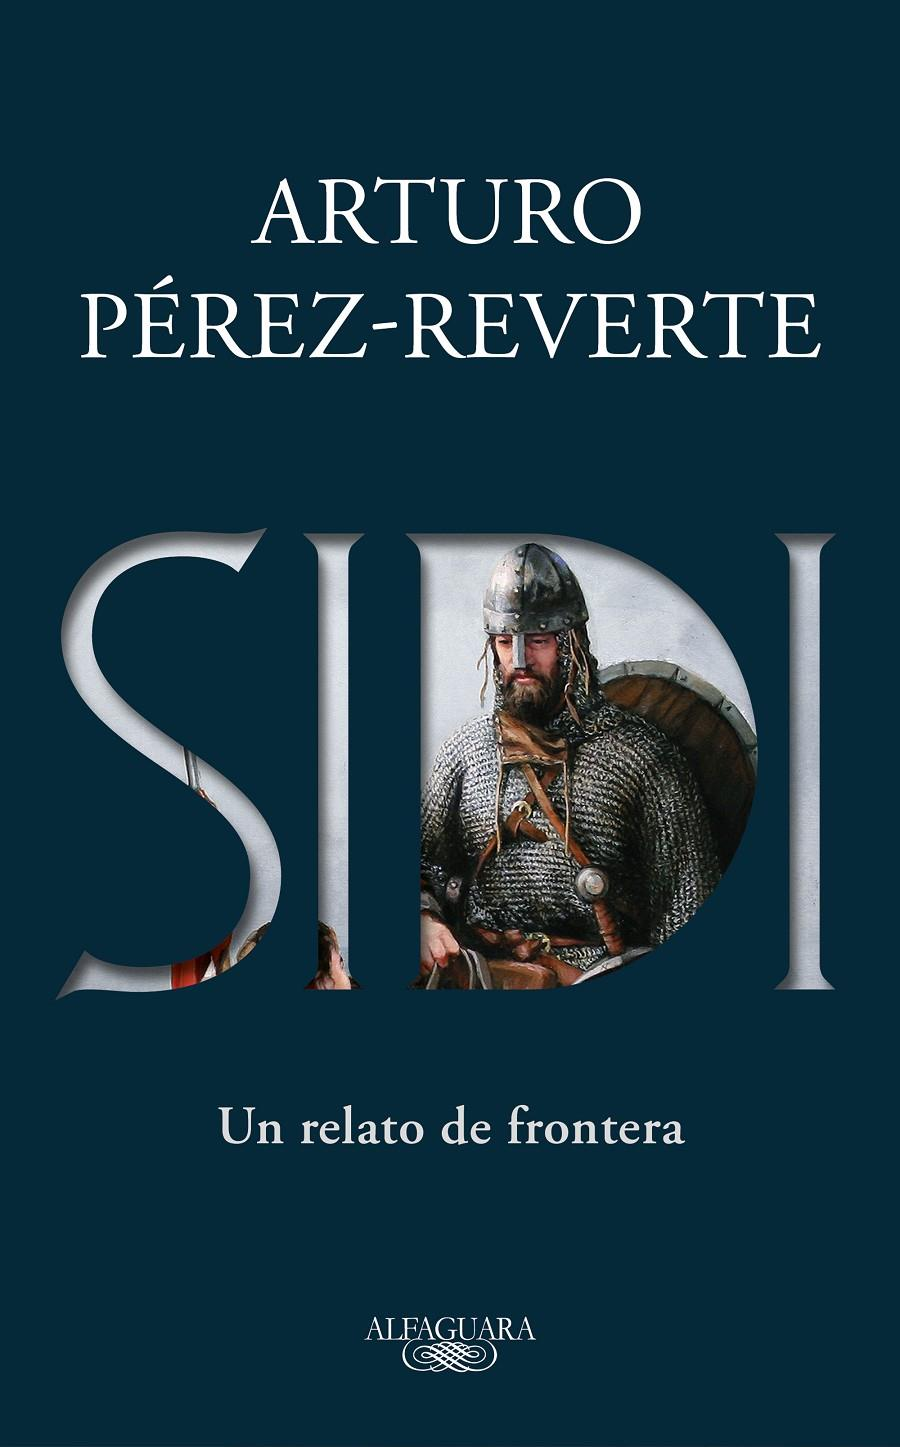 DESCARGAR en PDF el libro SIDI (UN RELATO DE FRONTERA) de Arturo Pérez-Reverte Gratis y Completo